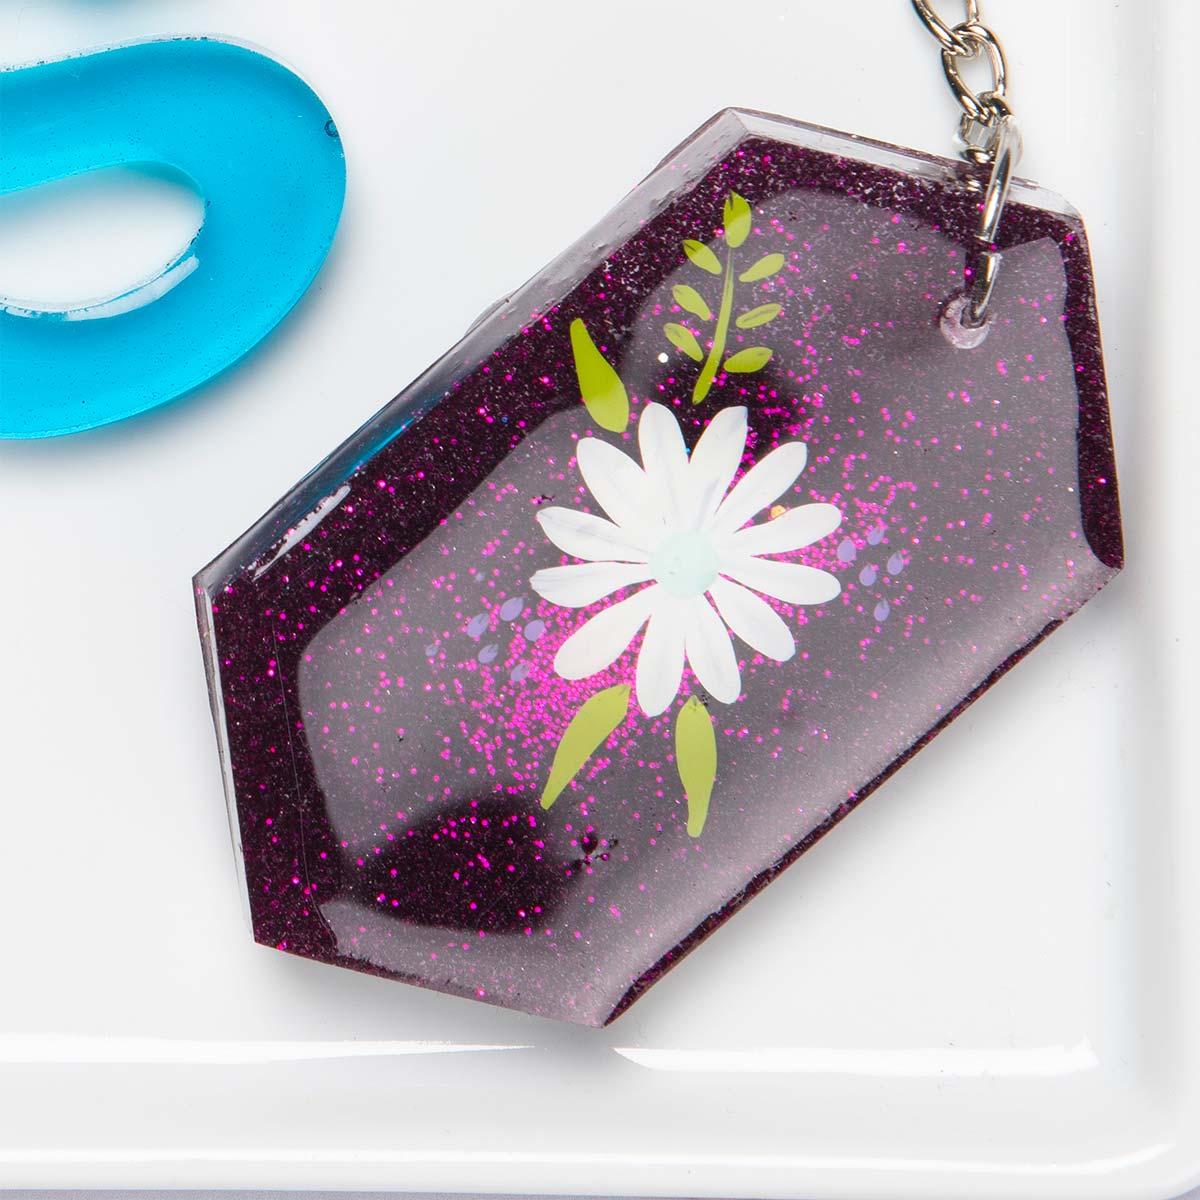 Schlüsselanhänger mit bemalten Blumen